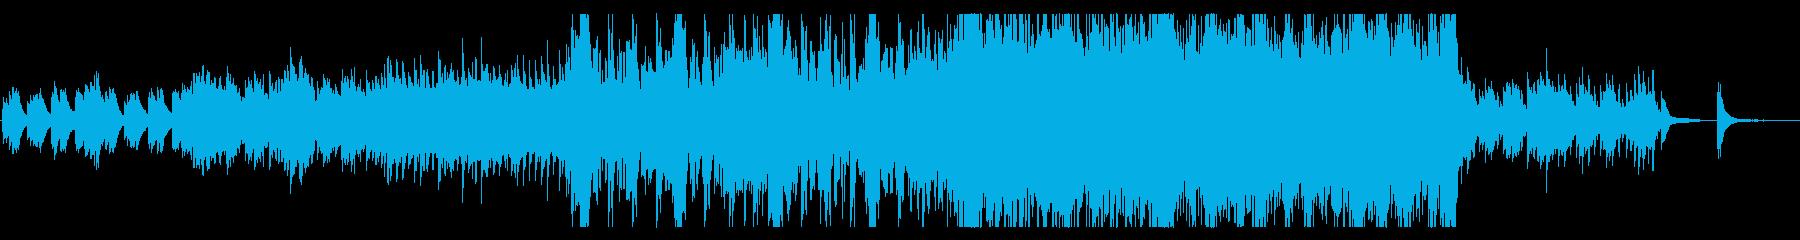 絶望に立ち向かうイメージのオーケストラの再生済みの波形